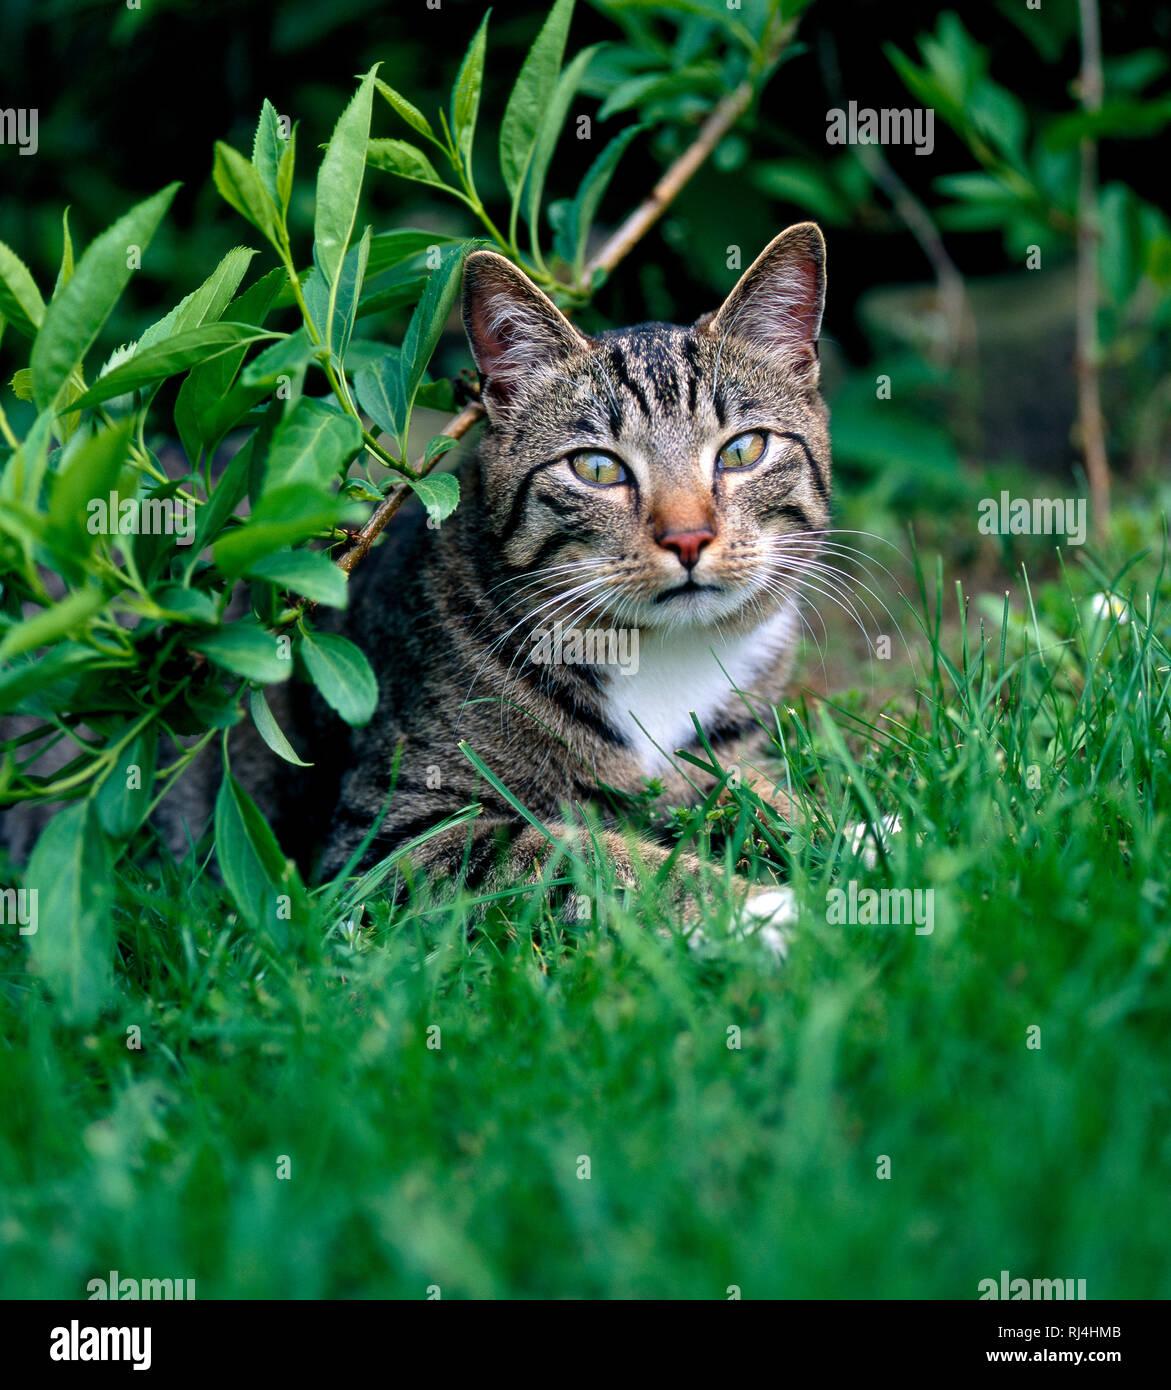 Hauskatze, getigert, lauert unter Busch, im Garten - Stock Image